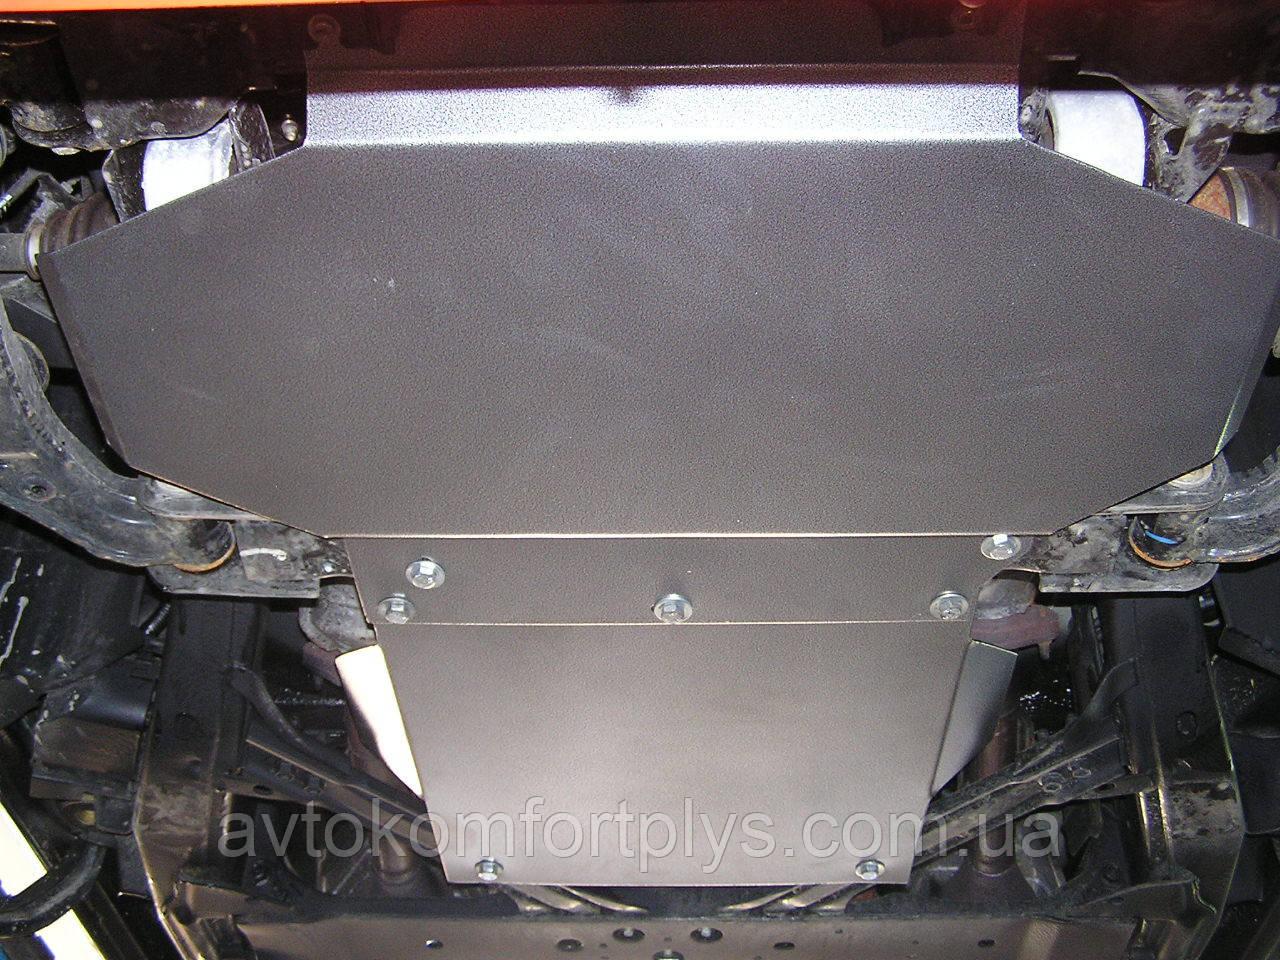 Металлическая (стальная) защита двигателя (картера) Nissan X-Terra (2005-) (V-4,0)